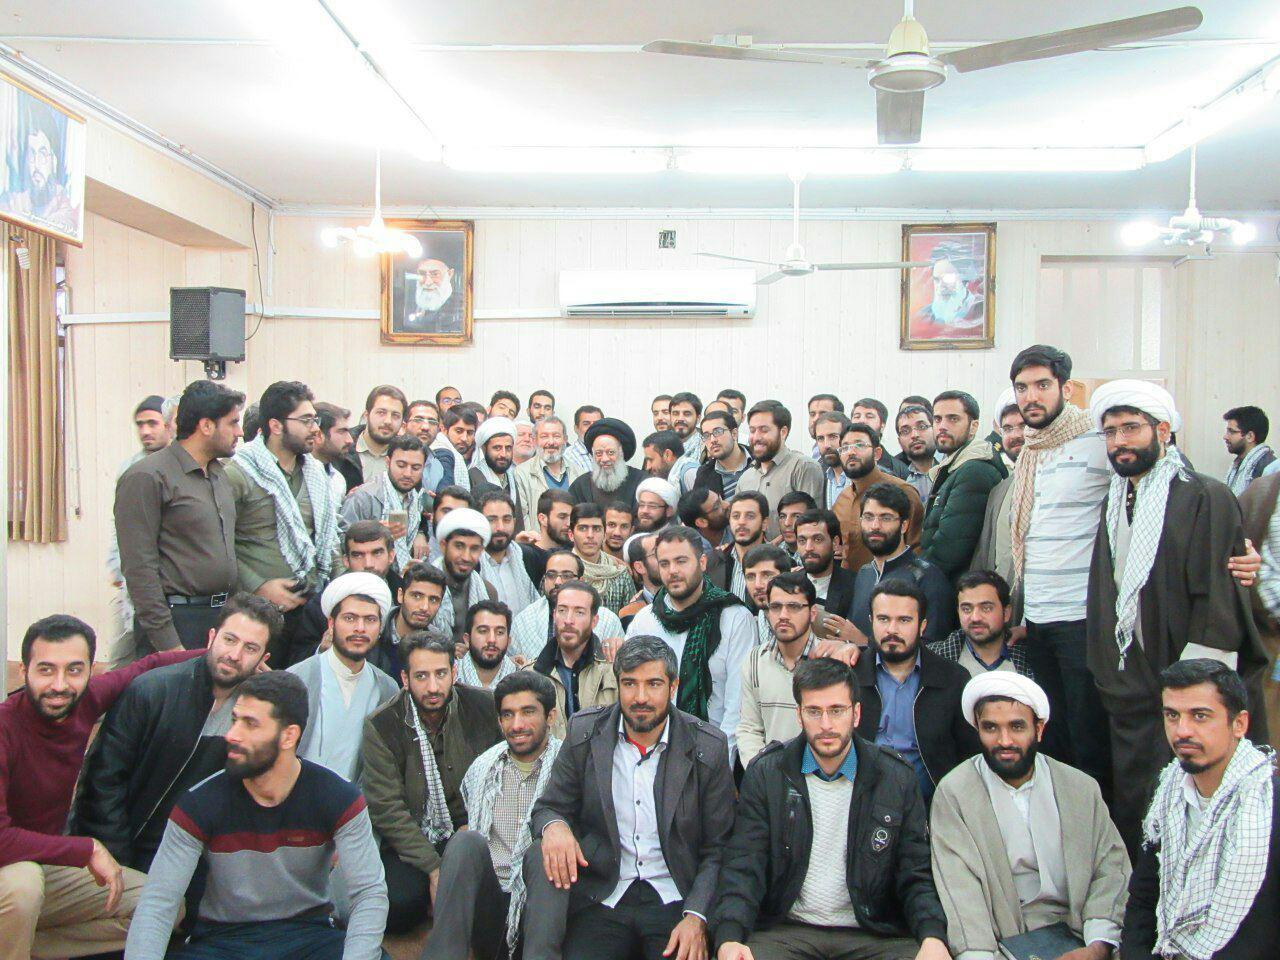 دیدار سردار محمود آبادی رئیس موسسه کوثر سپاه